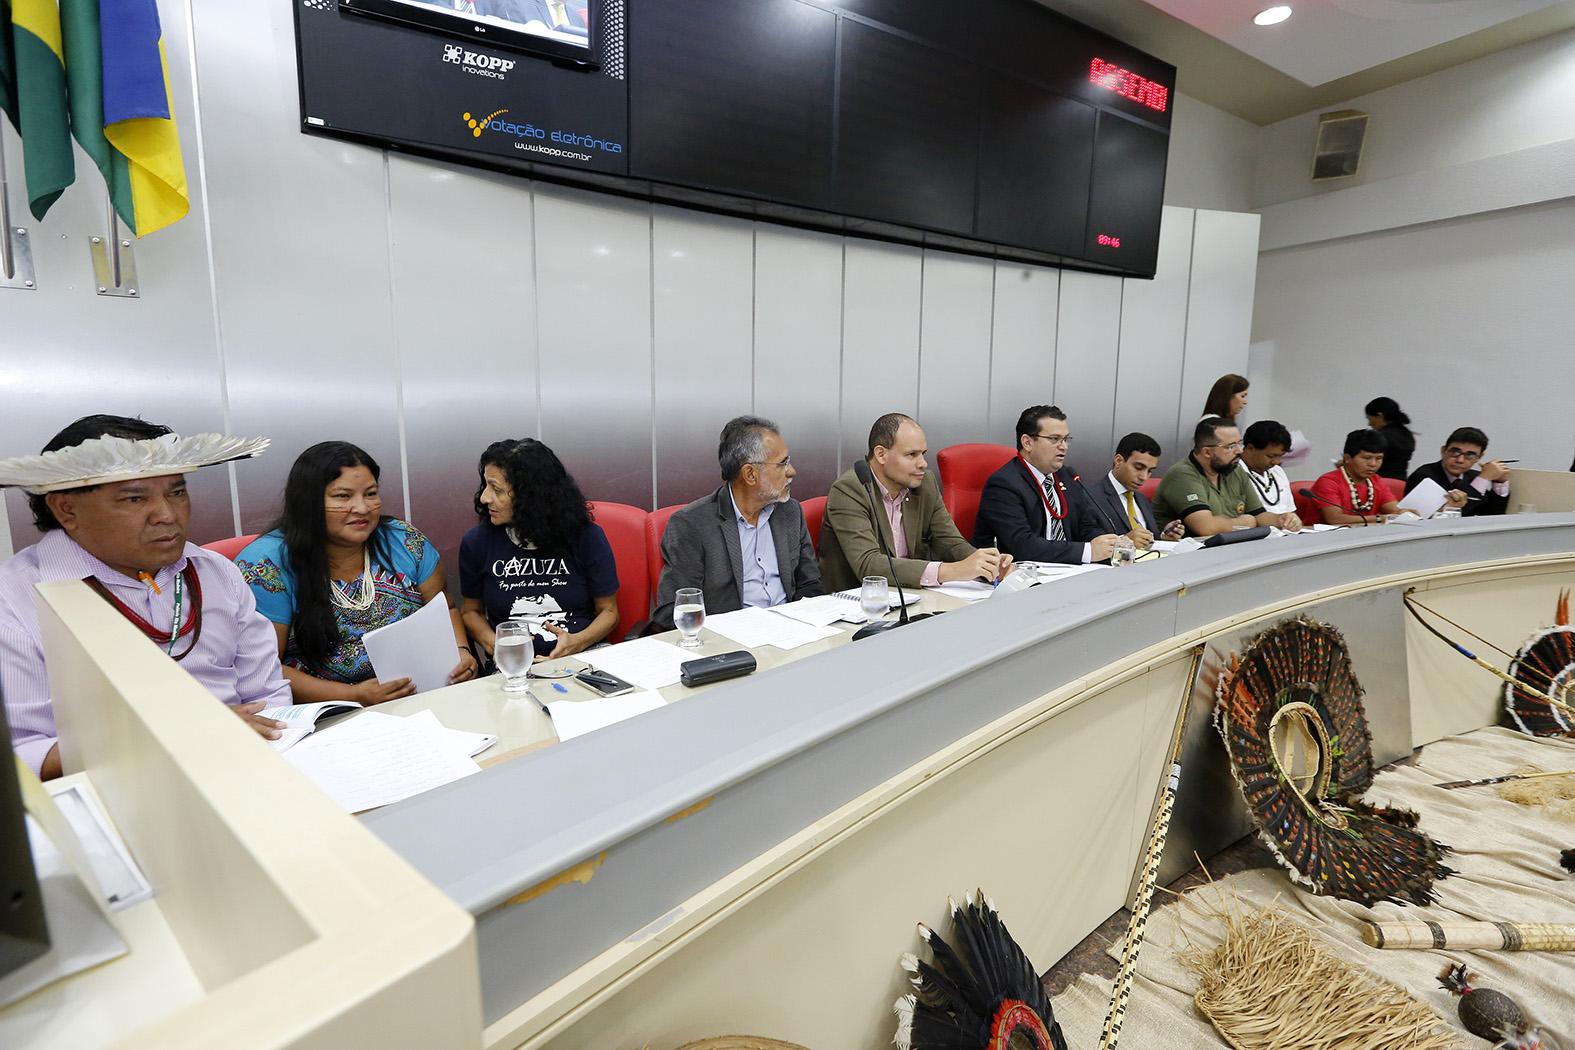 ezequiel-junior-preside-audiencia-publica-para-analisar-situacao-dos-povos-indigenas-de-rondonia.jpg.jpg